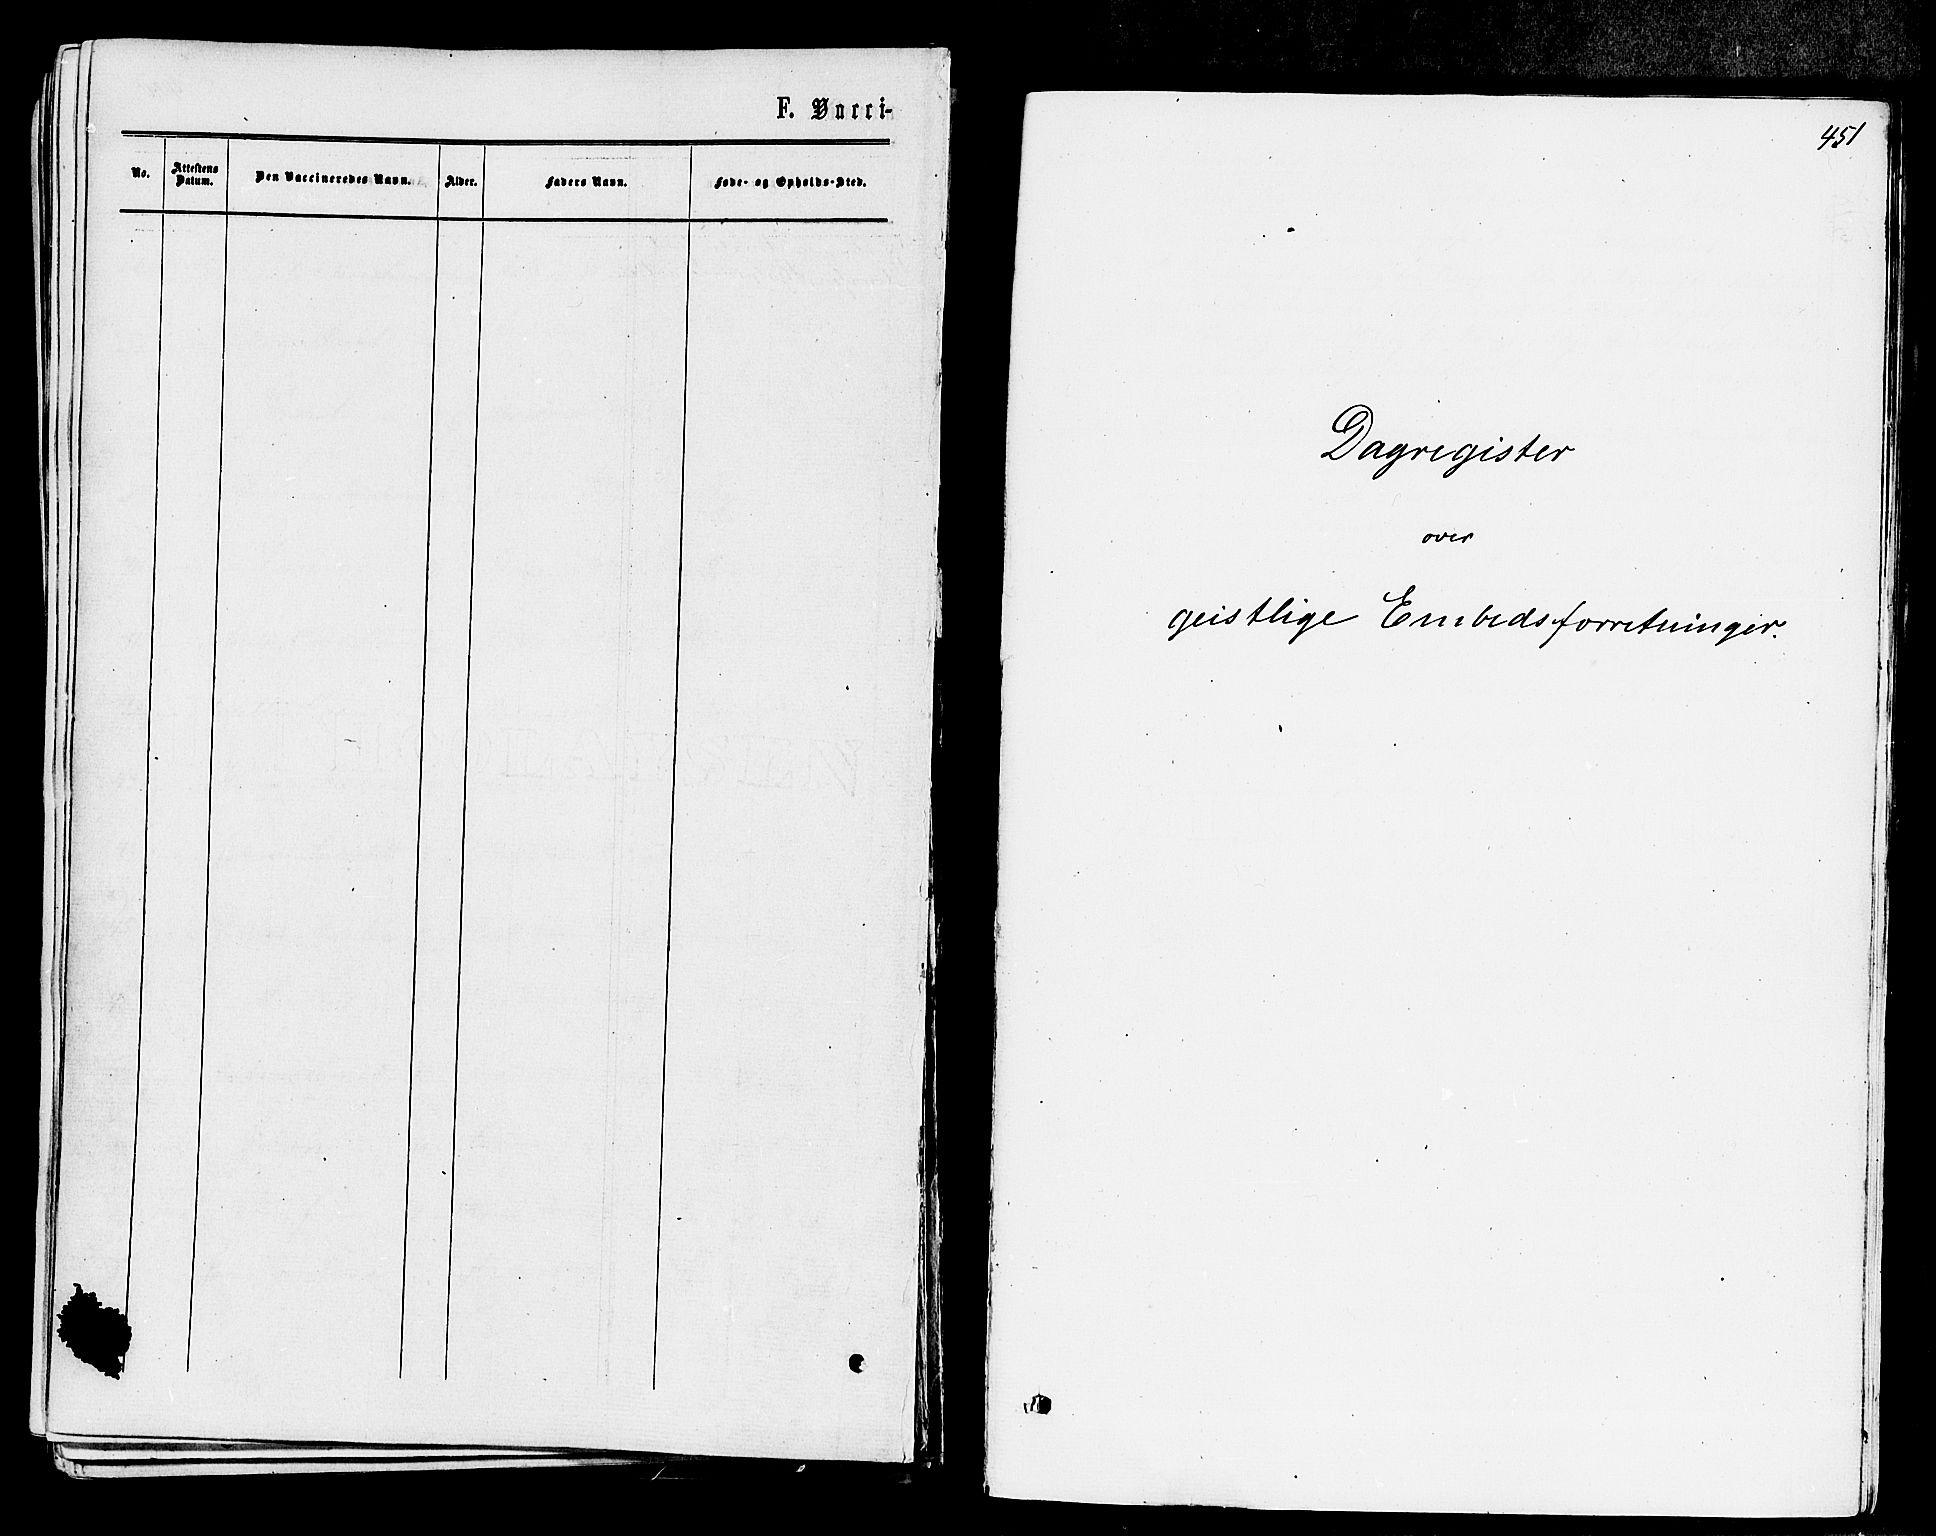 SAKO, Våle kirkebøker, F/Fa/L0010: Ministerialbok nr. I 10, 1861-1877, s. 451